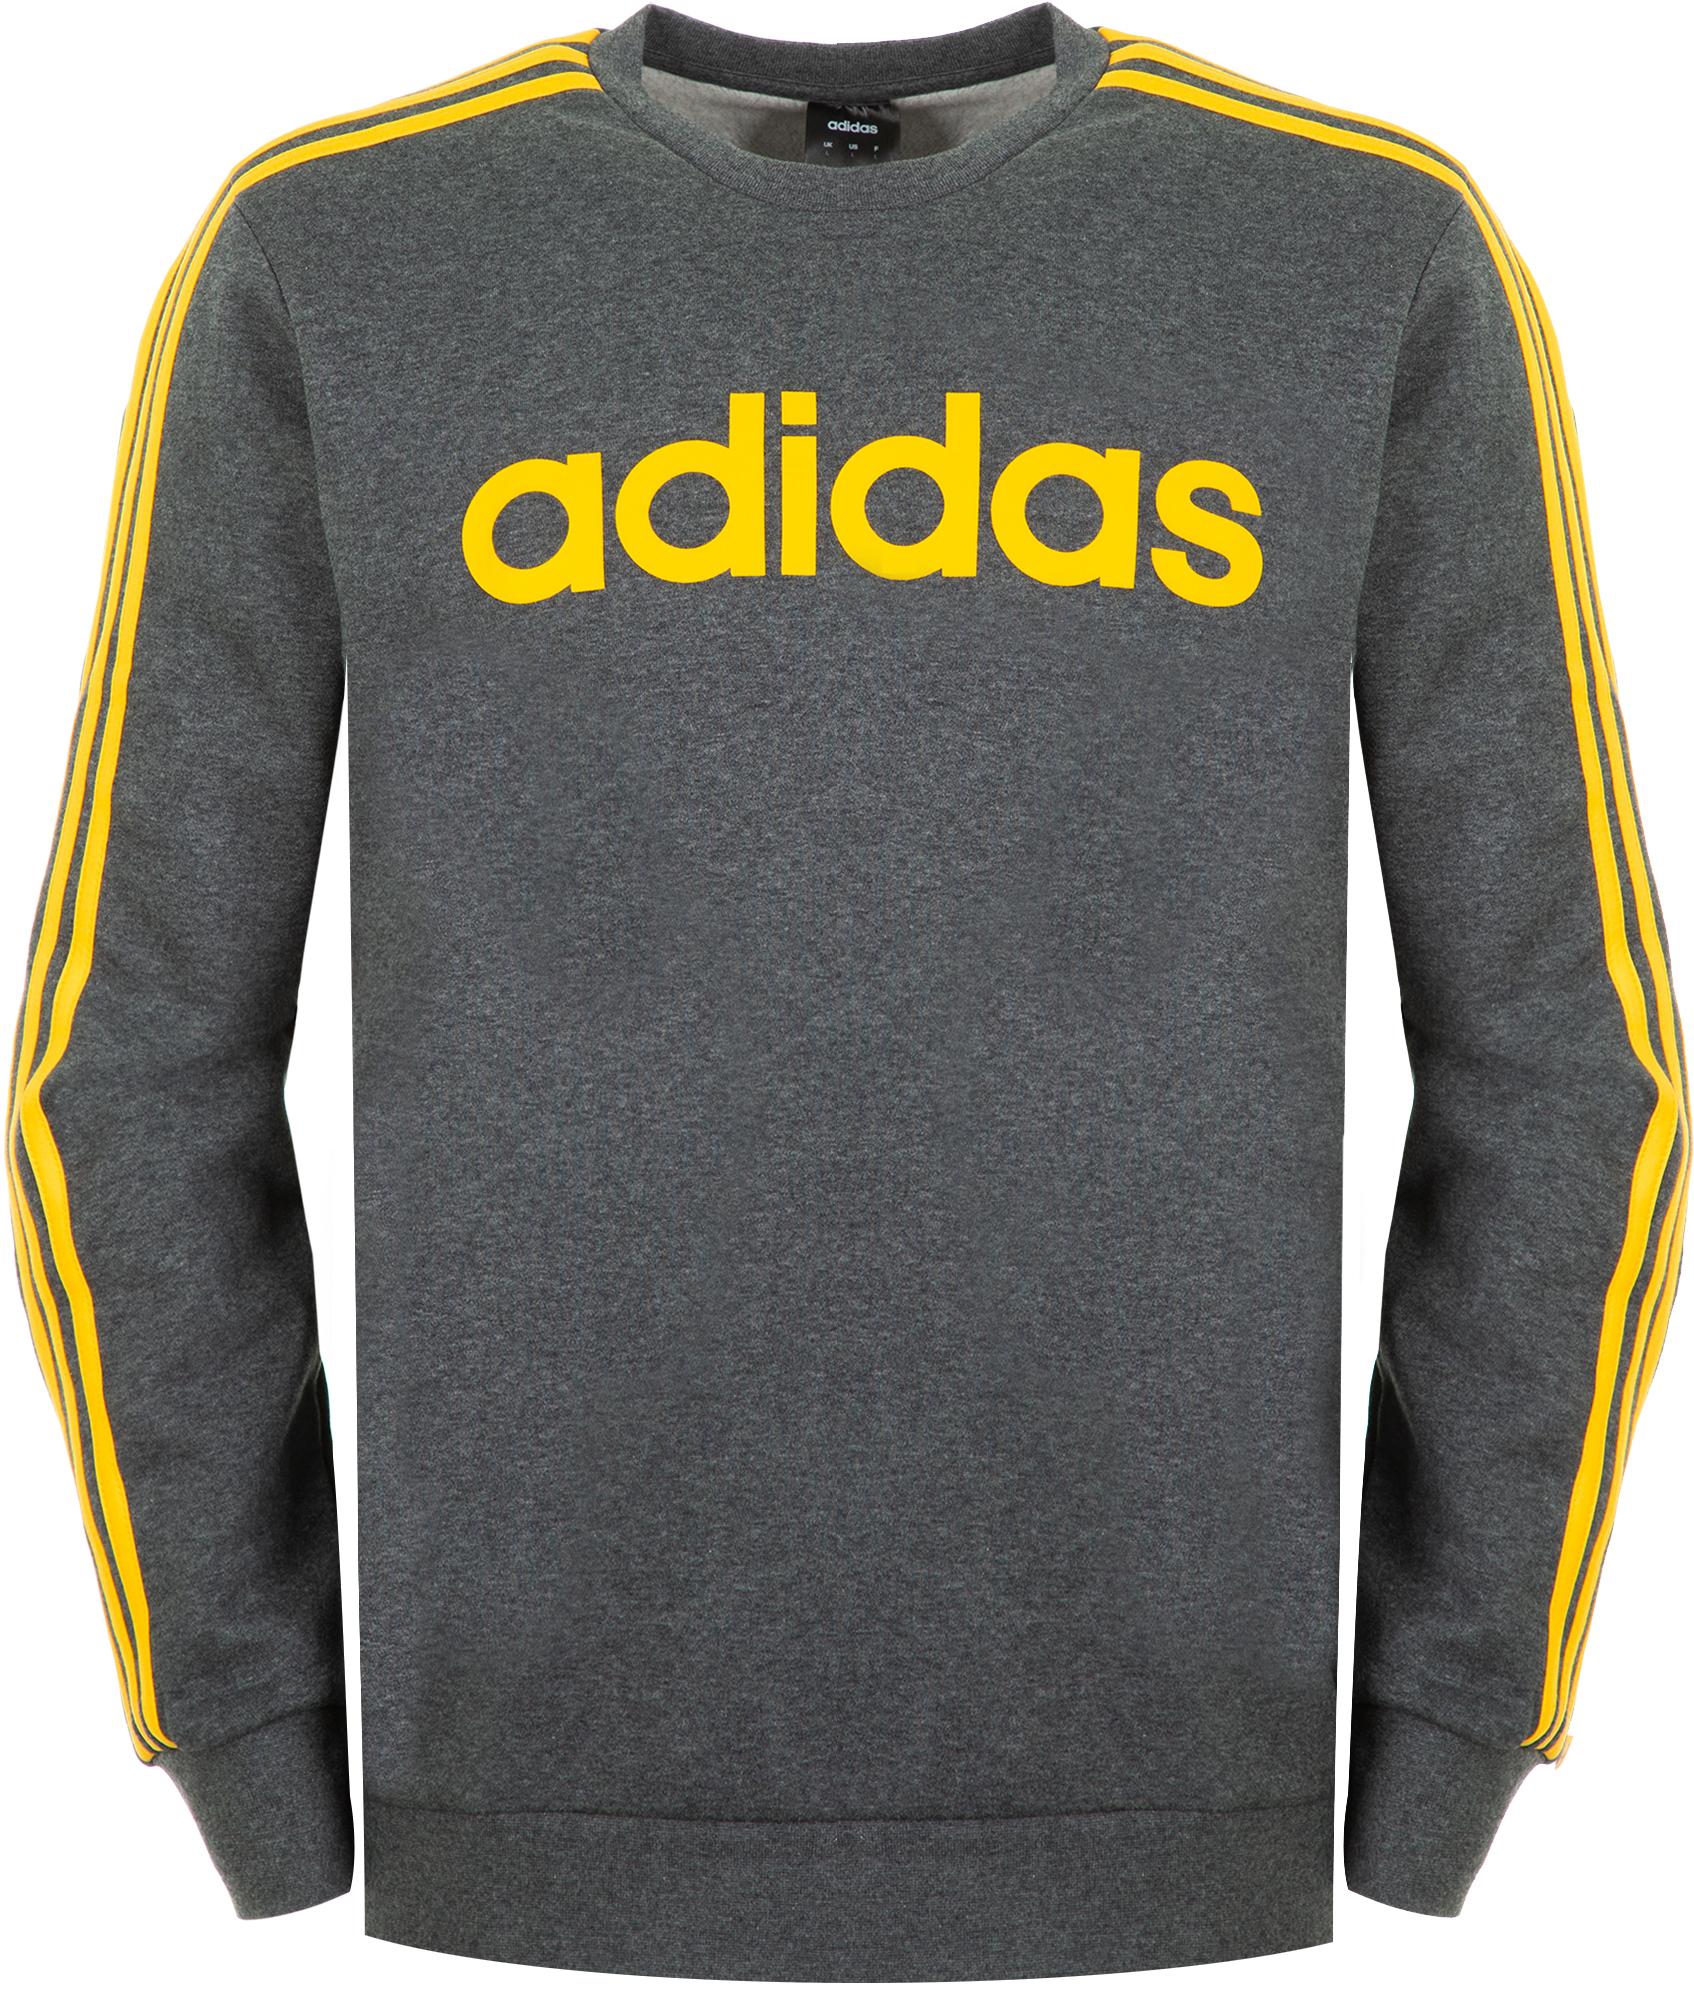 Adidas Свитшот мужской Essential 3-Stripes, размер XL